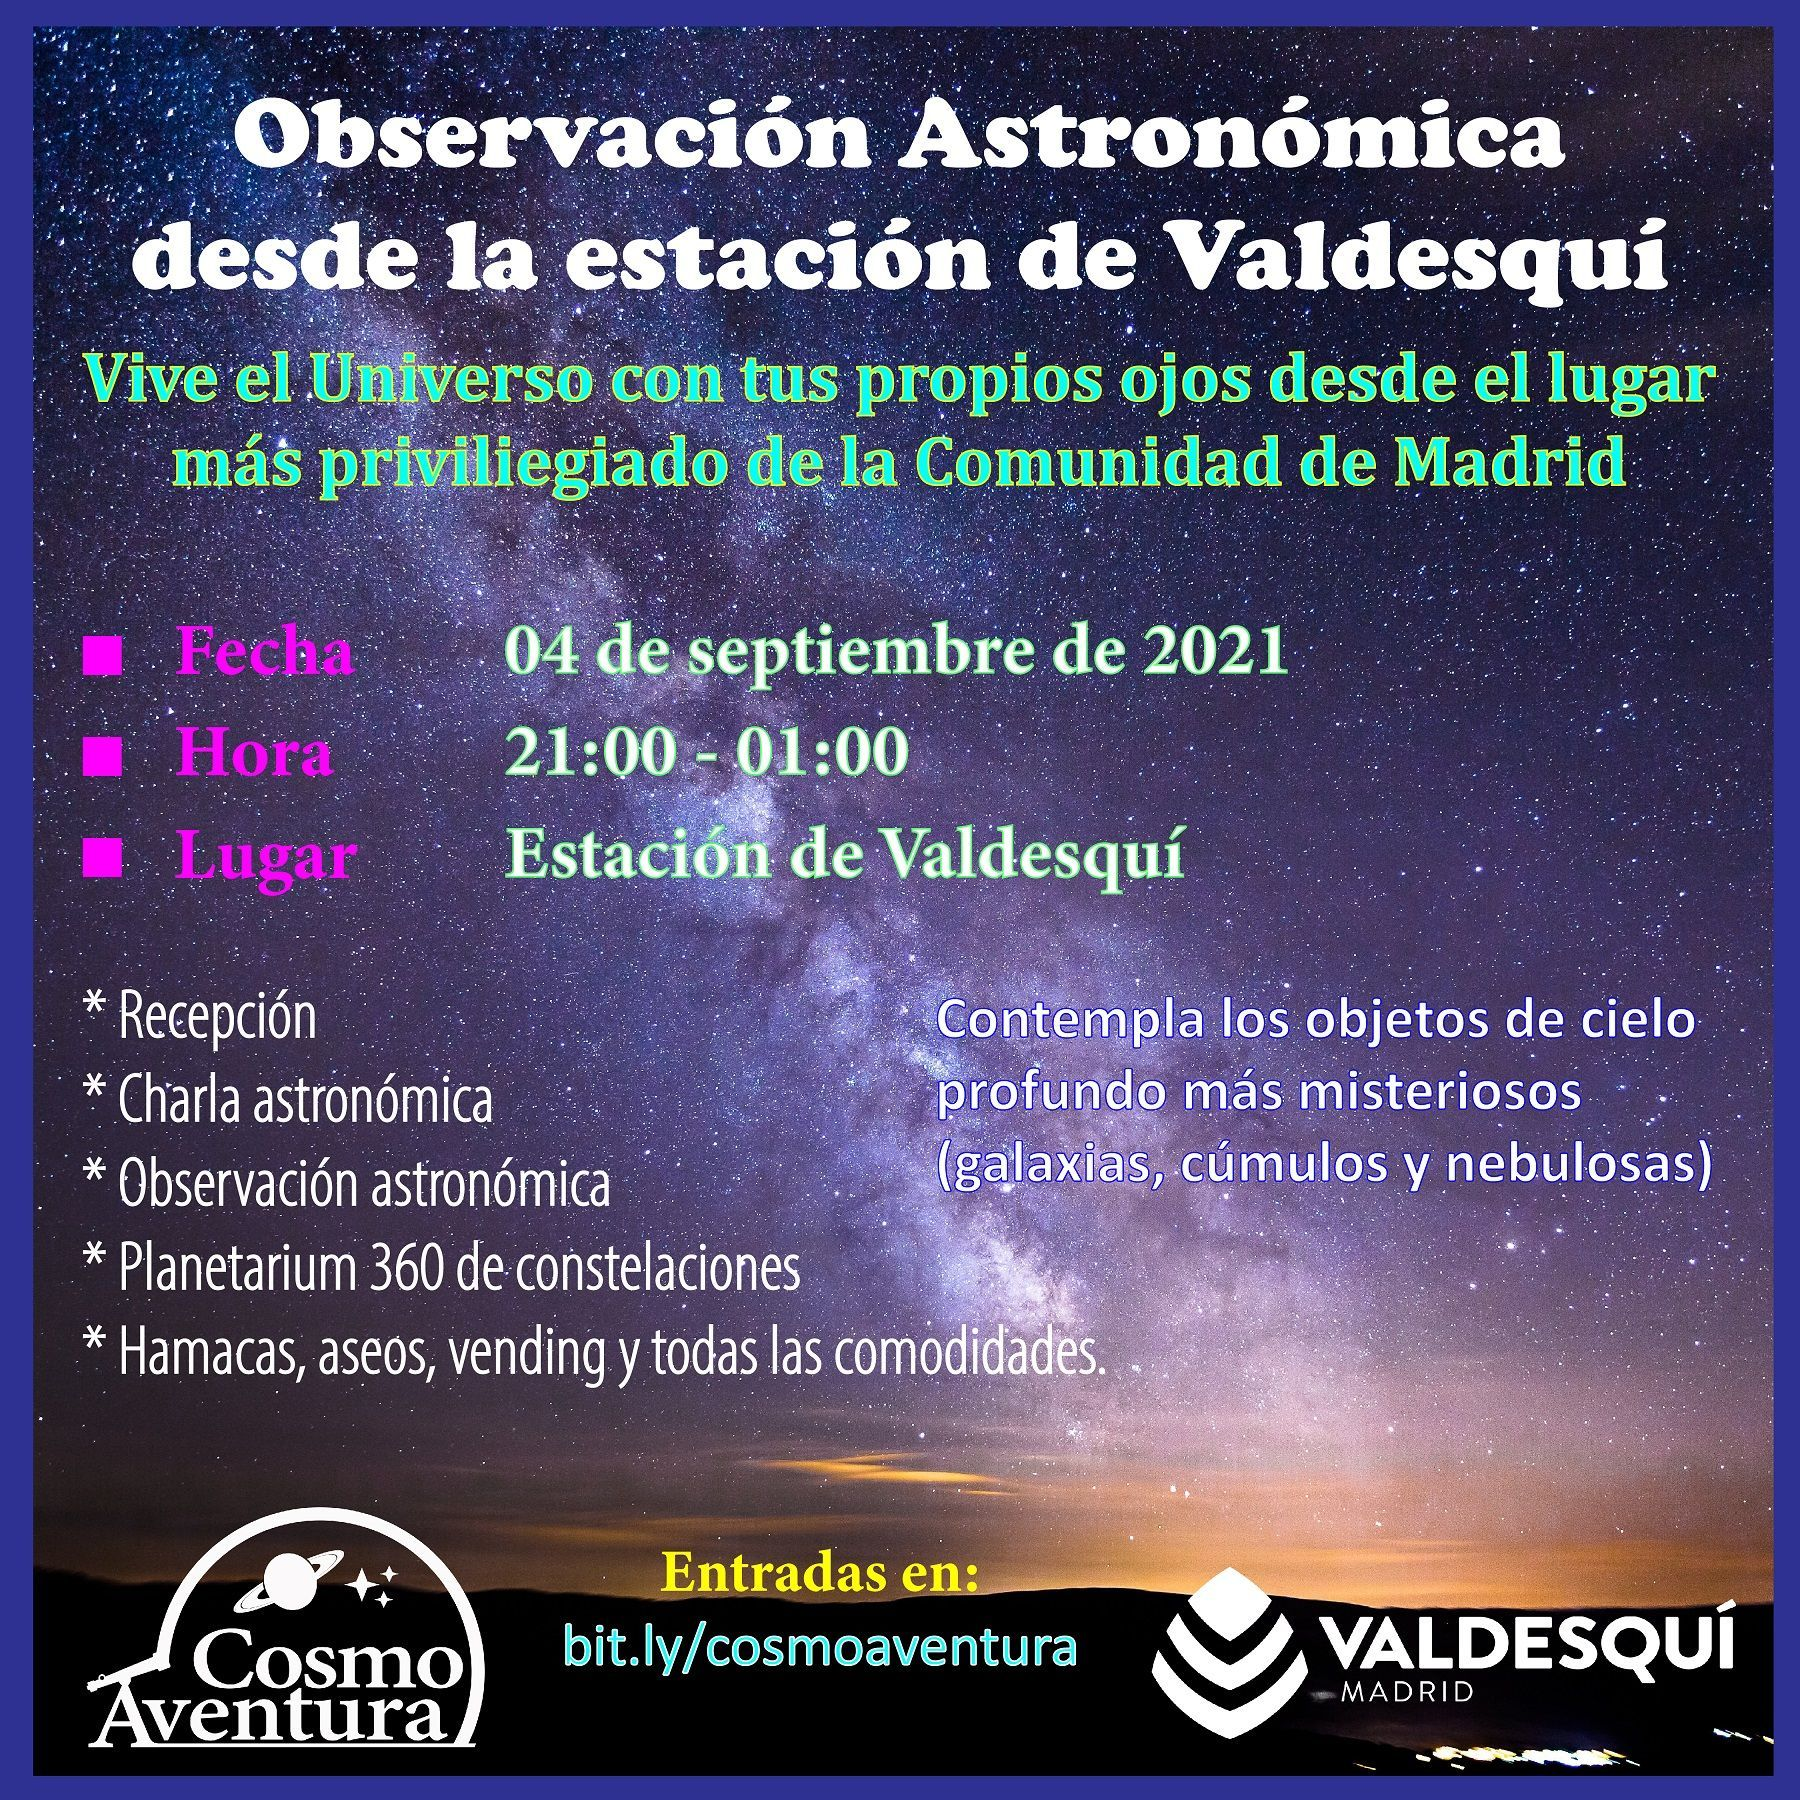 04-09-2021.- Observación Astronómica en el lugar más exclusivo de Madrid: La Estación de Valdesquí